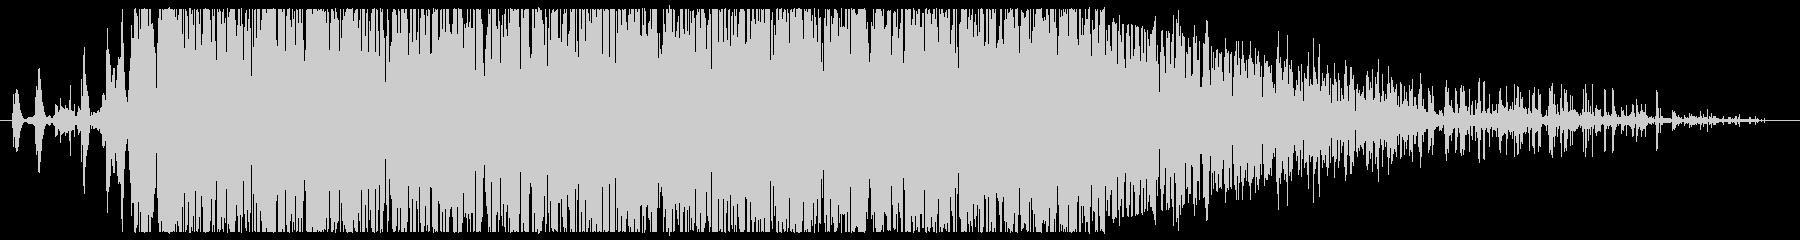 石 ドロップダウンラージロング01の未再生の波形